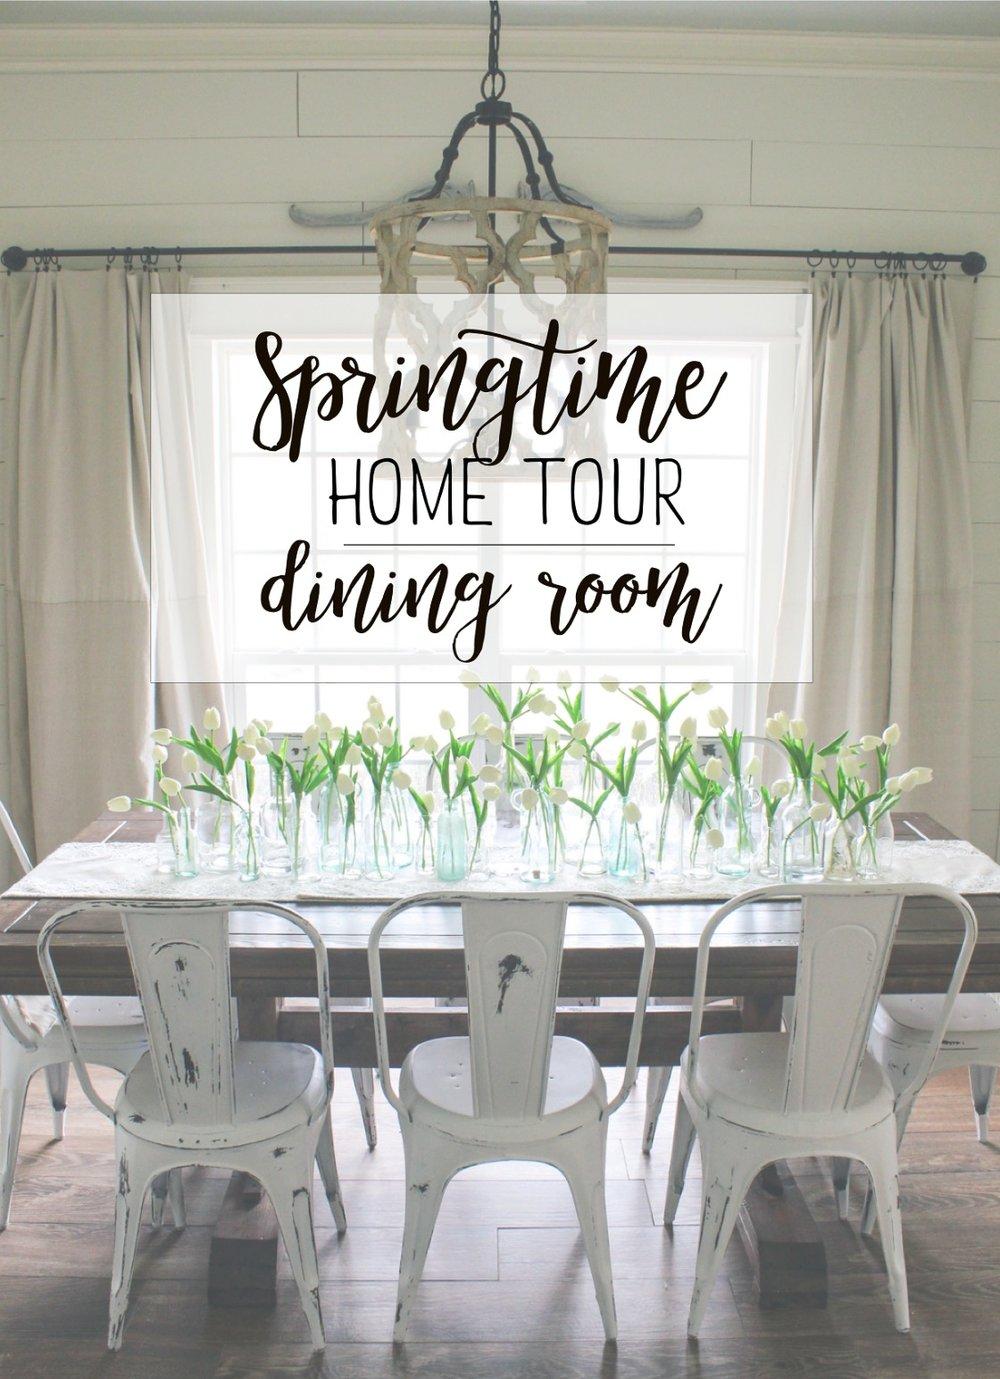 Springtime Home Tour Dining Room graphic.JPG